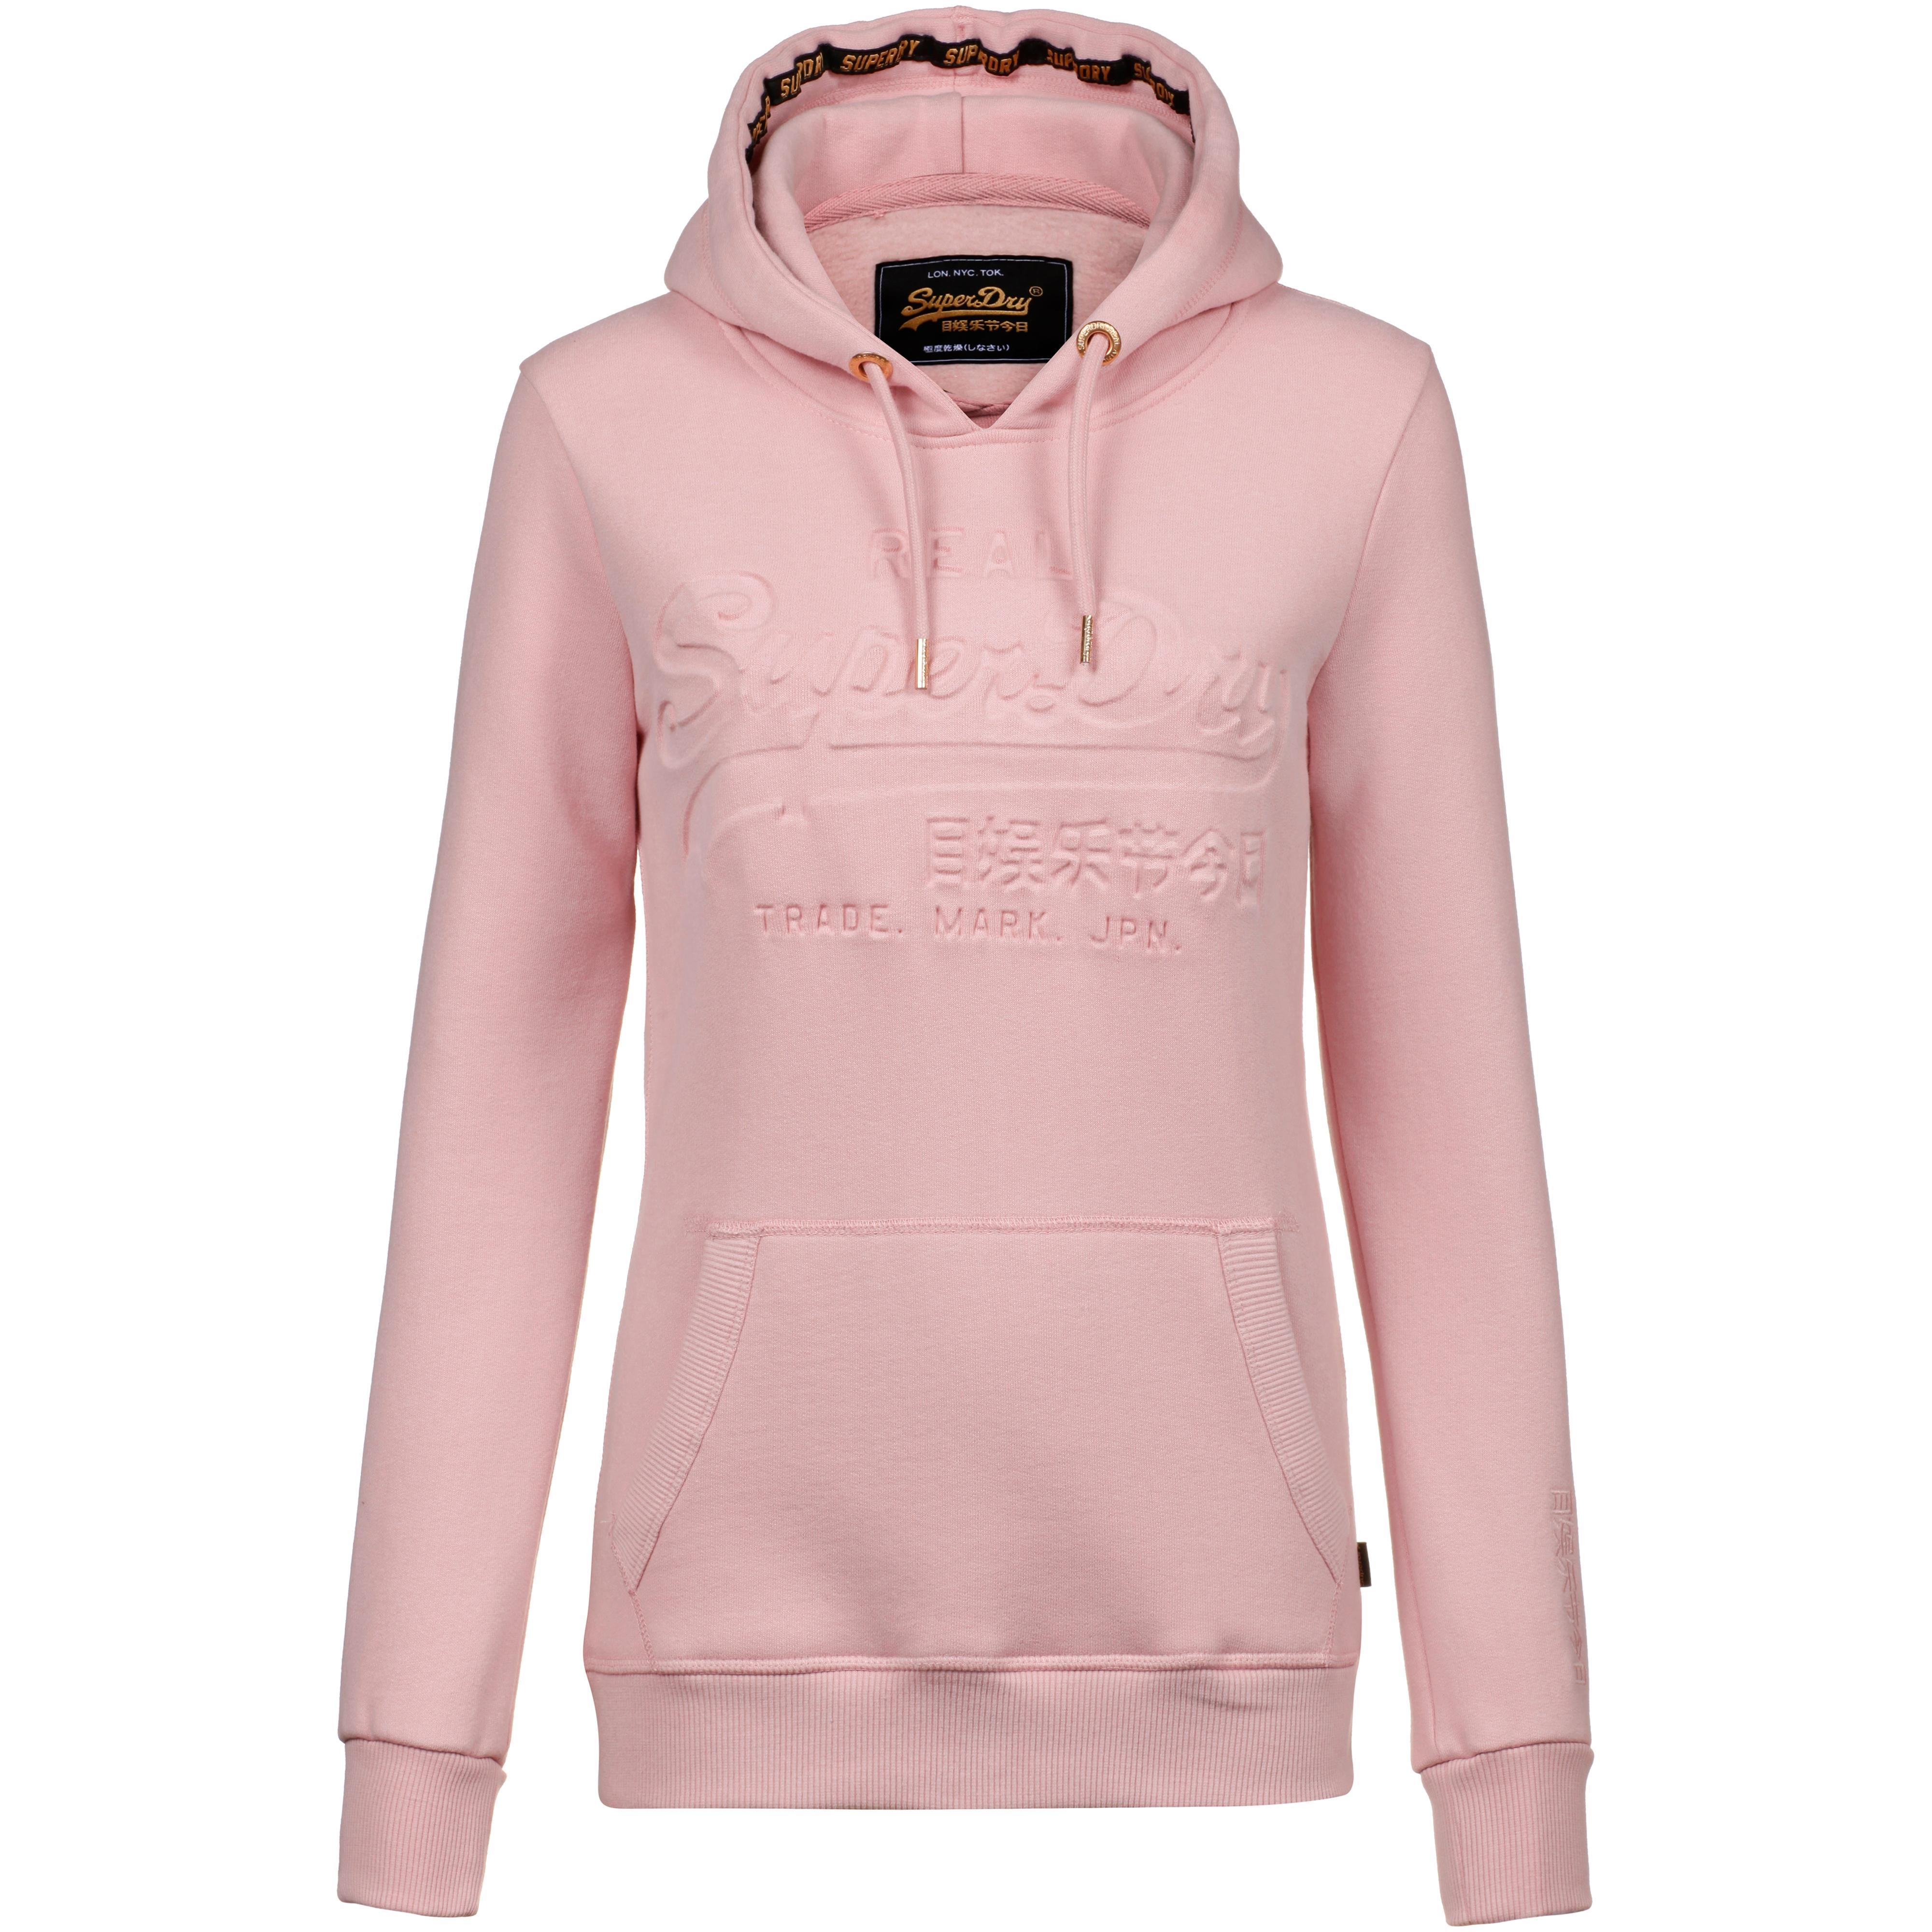 superdry shop aktuelle superdry trends online bei sportscheck kaufen  superdry v logo hoodie damen soft pink